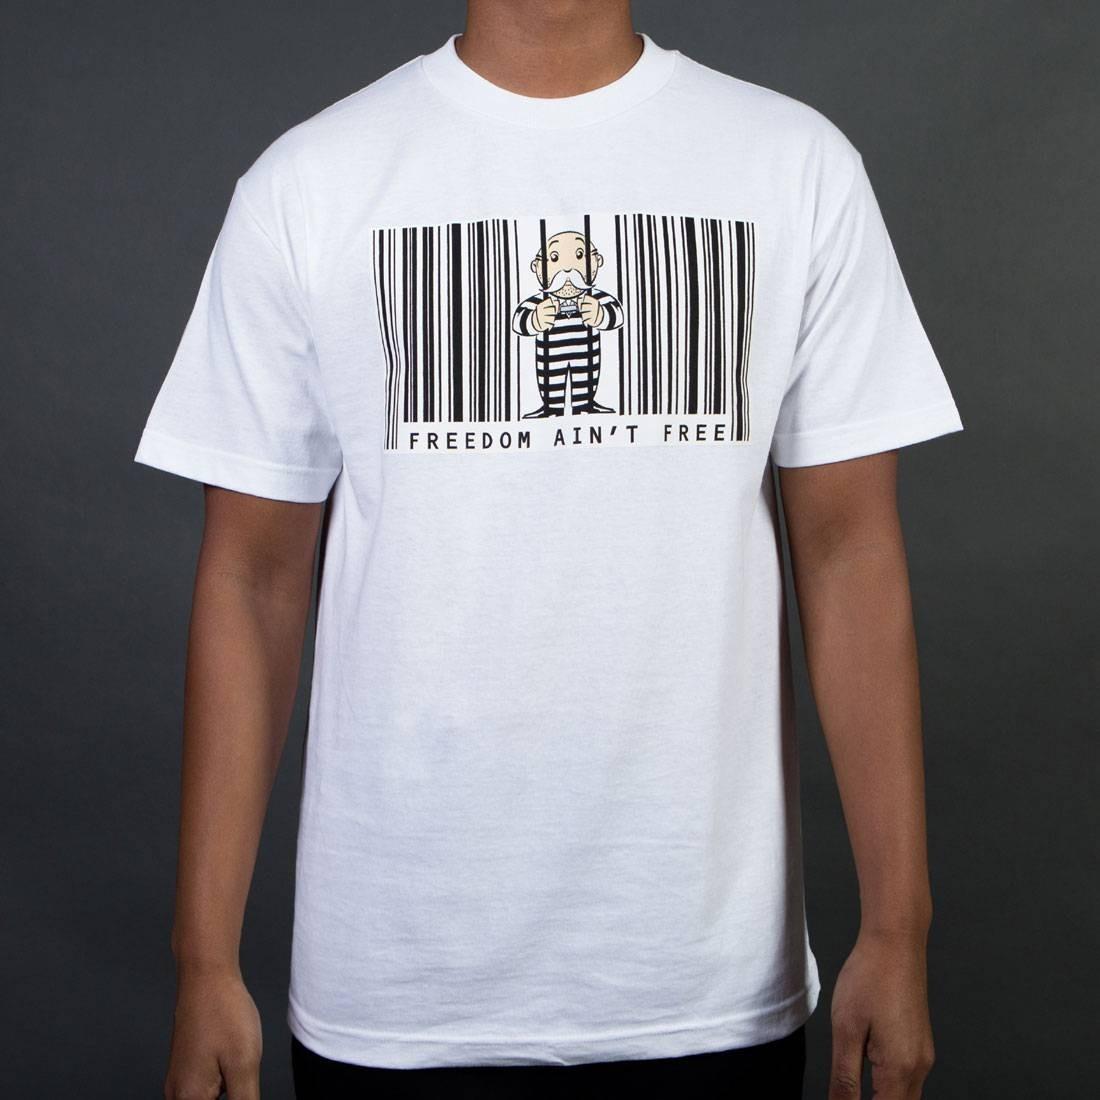 ベイト BAIT フリー Tシャツ 白 ホワイト AIN'T 【 FREE WHITE BAIT X HASBRO MONOPOLY MEN FREEDOM TEE 】 メンズファッション トップス Tシャツ カットソー